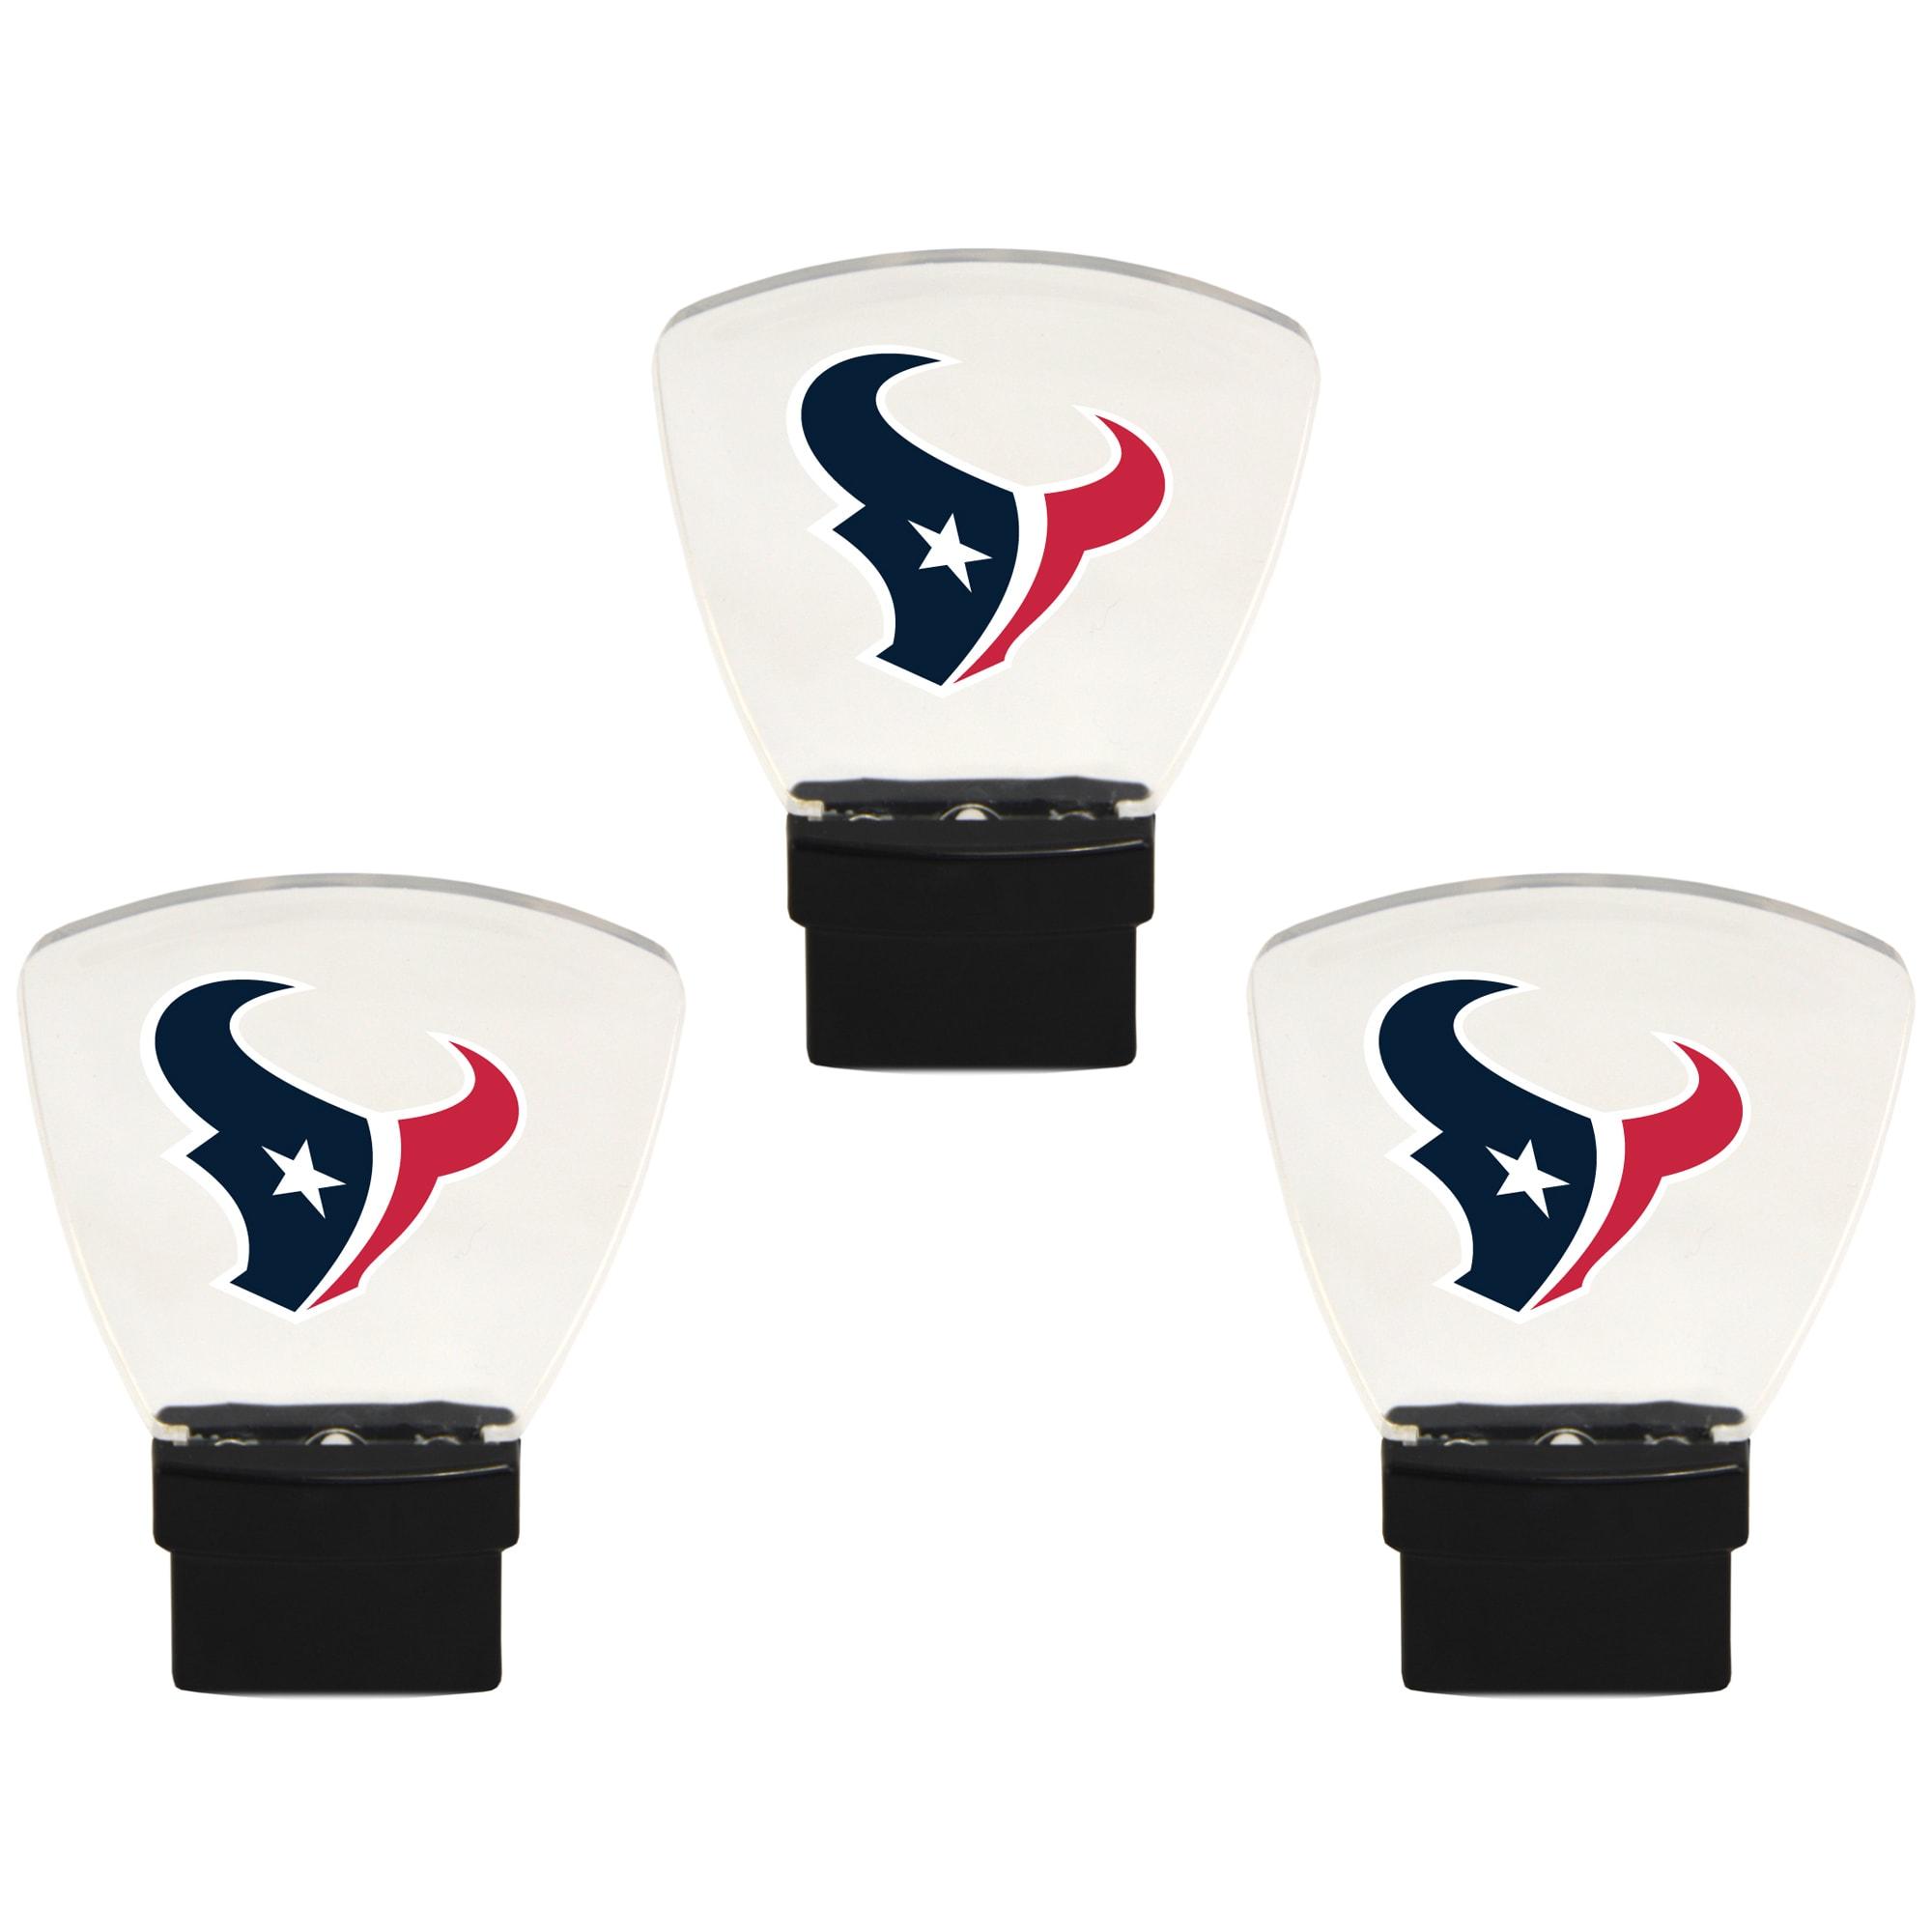 Houston Texans 3-Pack Nightlight Bundle - Red